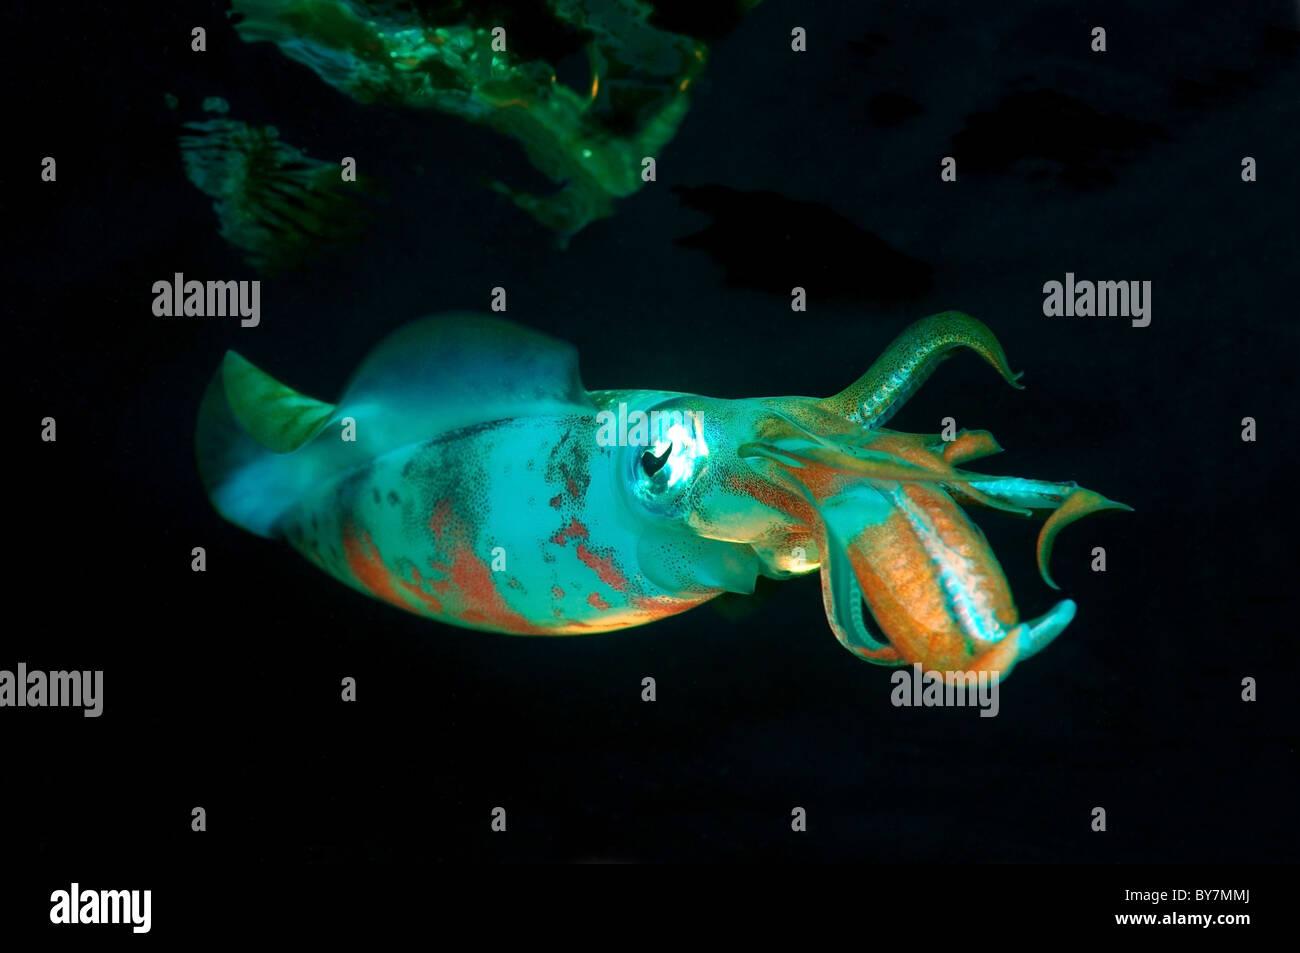 Bigfin reef squid (Sepioteuthis lessoniana) - Stock Image